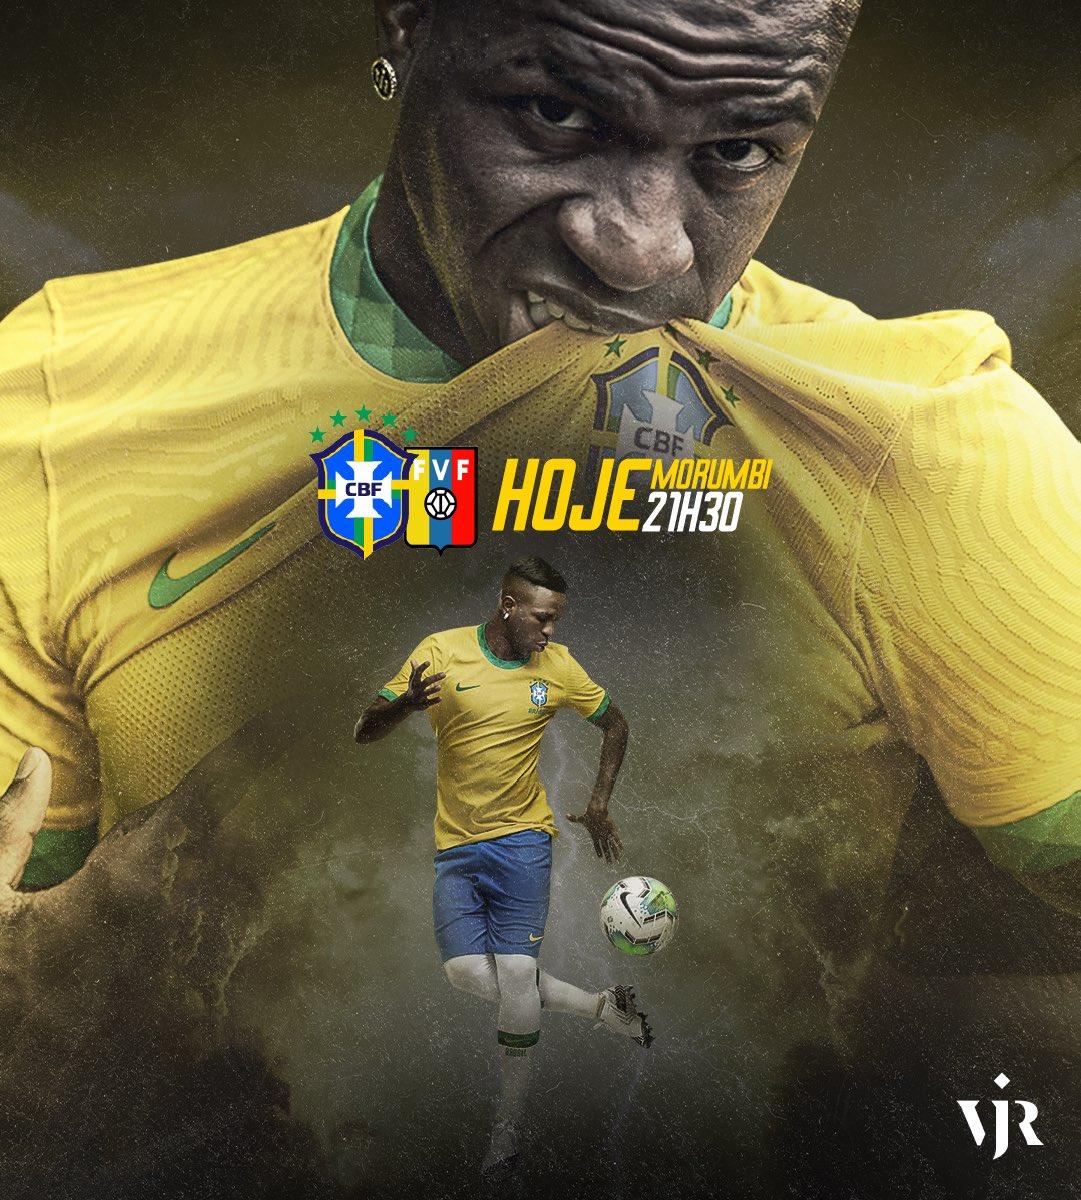 Vamos, Brasil! 🙌🏾🇧🇷⚽️